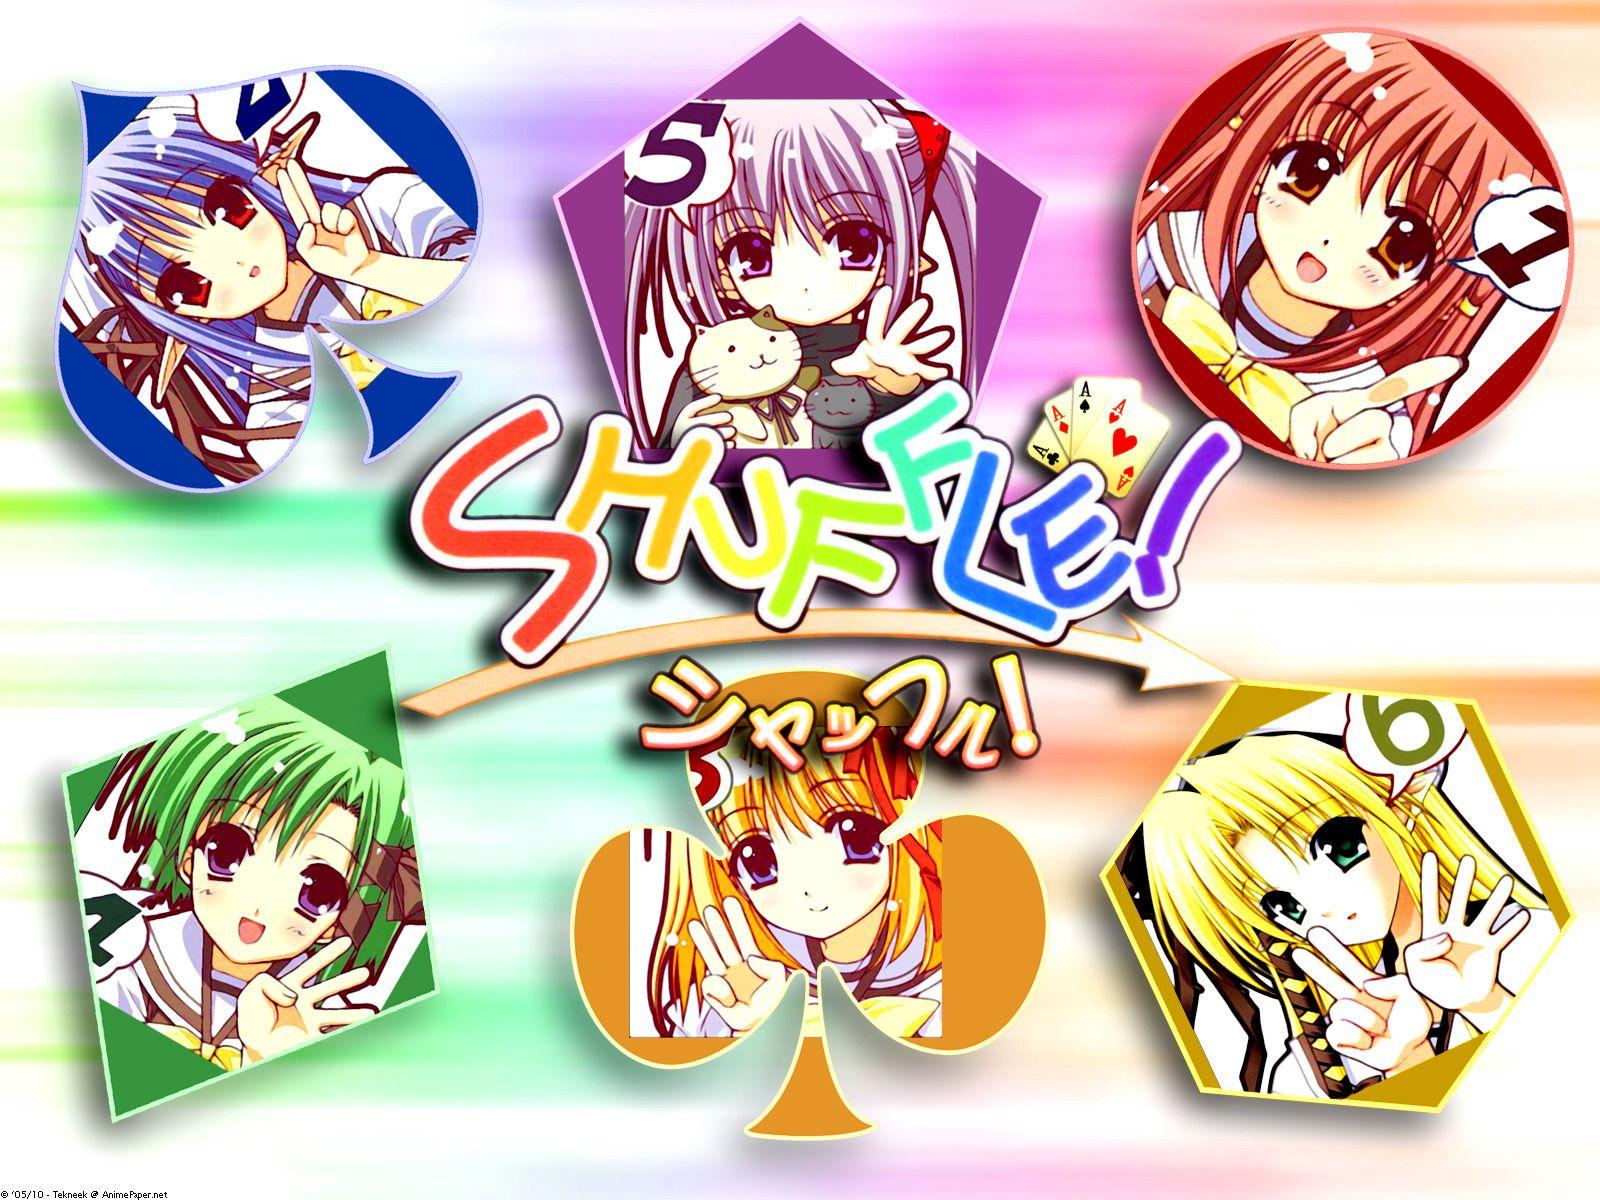 Konachan.com - 2680 shuffle